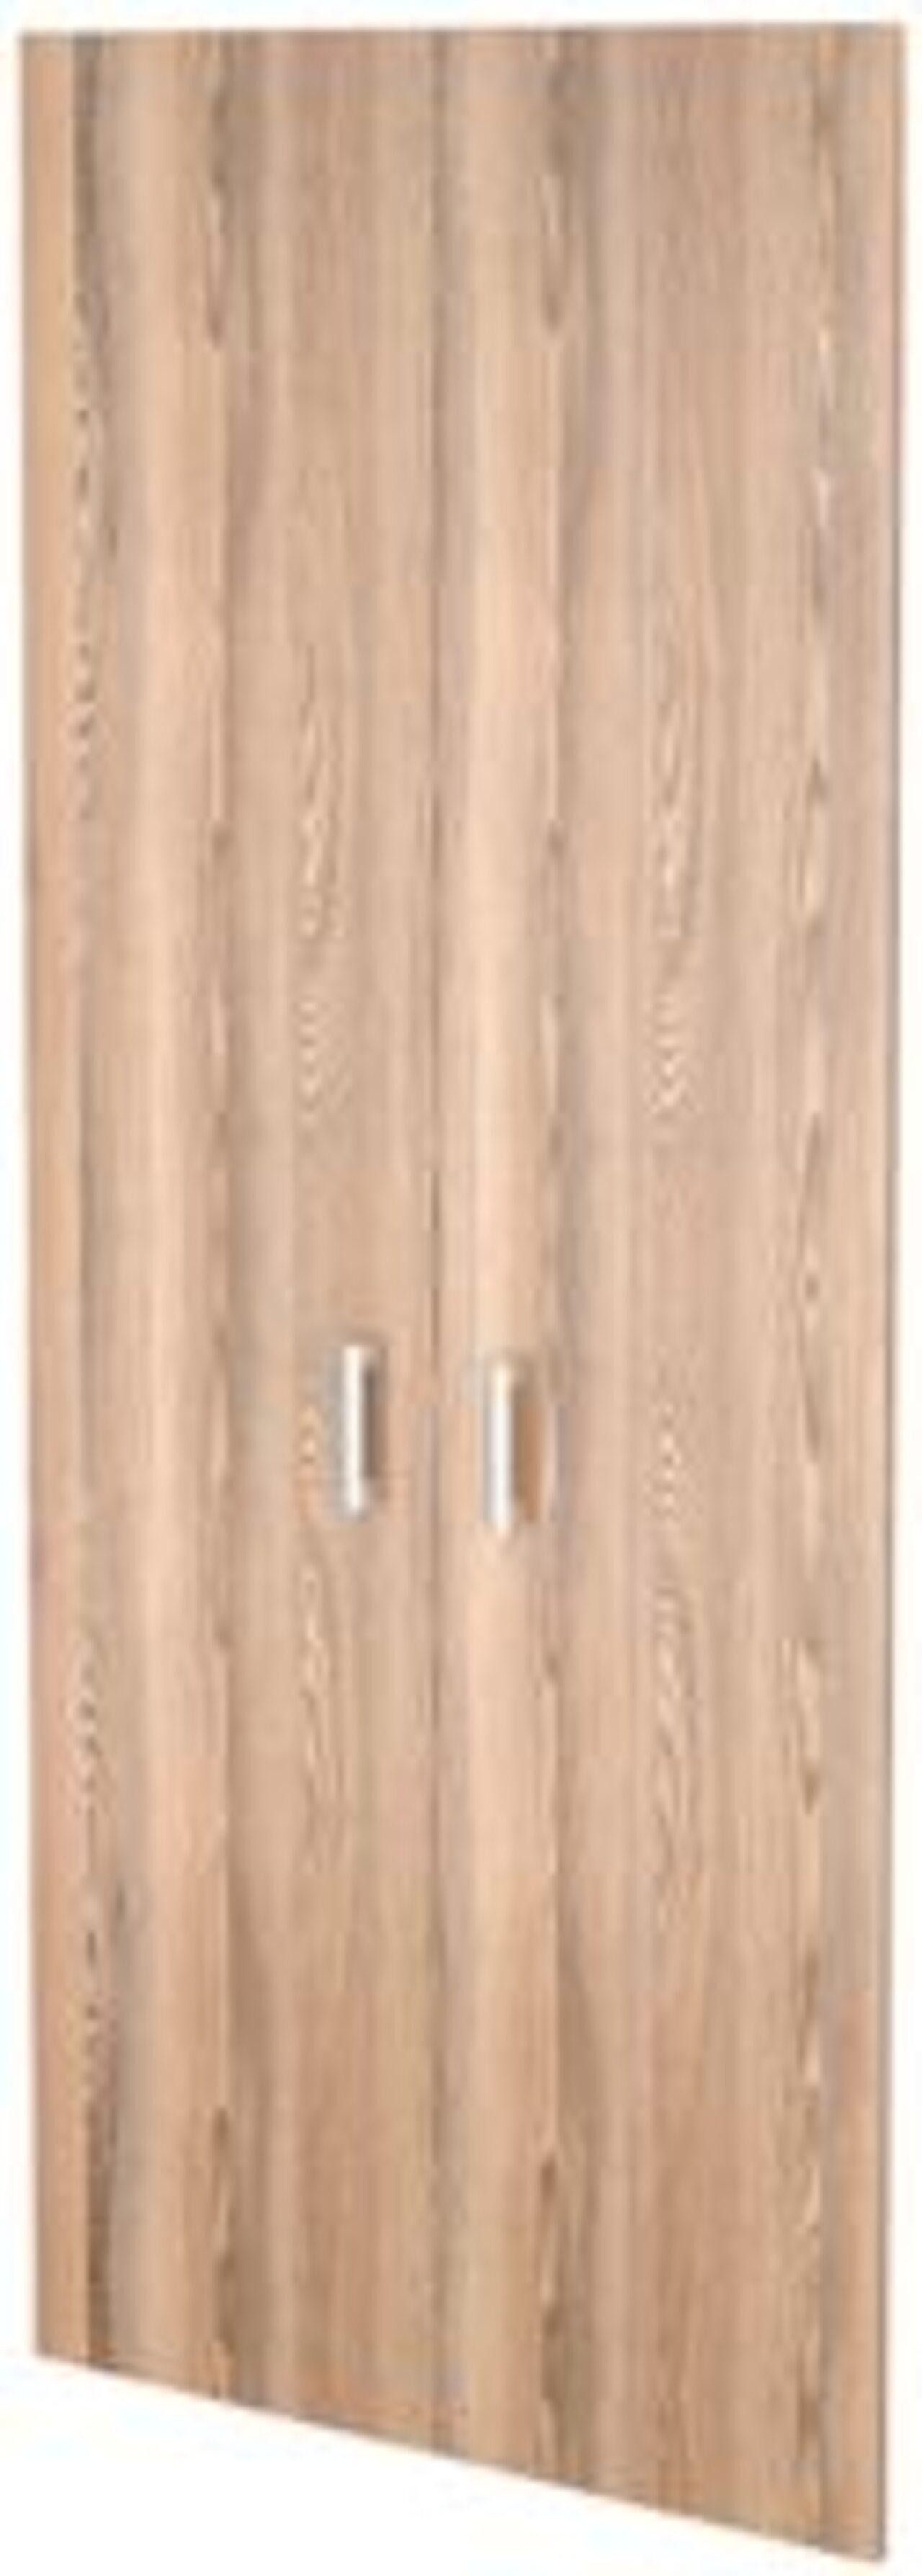 Двери из ЛДСП к широким стеллажам  Аргентум 78x2x195 - фото 7